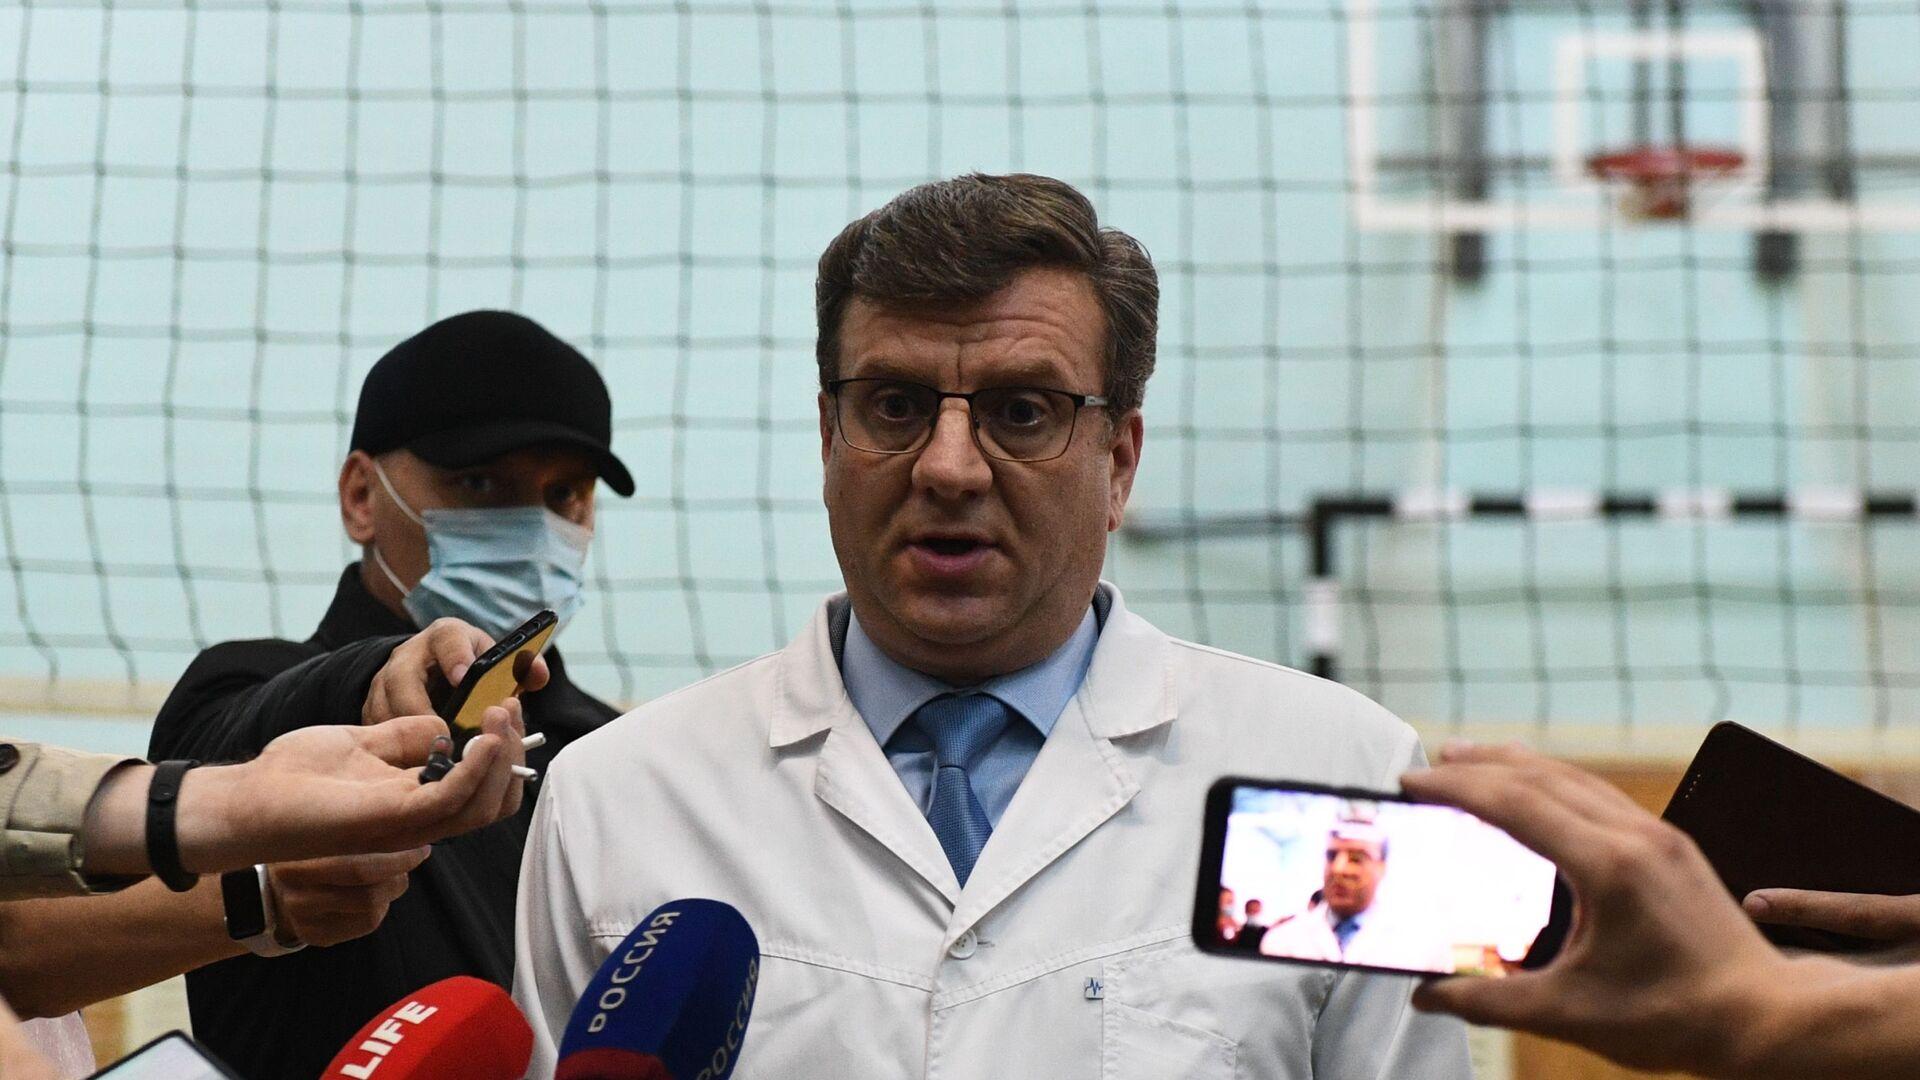 Alexandr Murajovski, antiguo director del hospital de Omsk donde en agosto de 2020 fue ingresado el bloguero opositor Alexéi Navalni - Sputnik Mundo, 1920, 10.05.2021